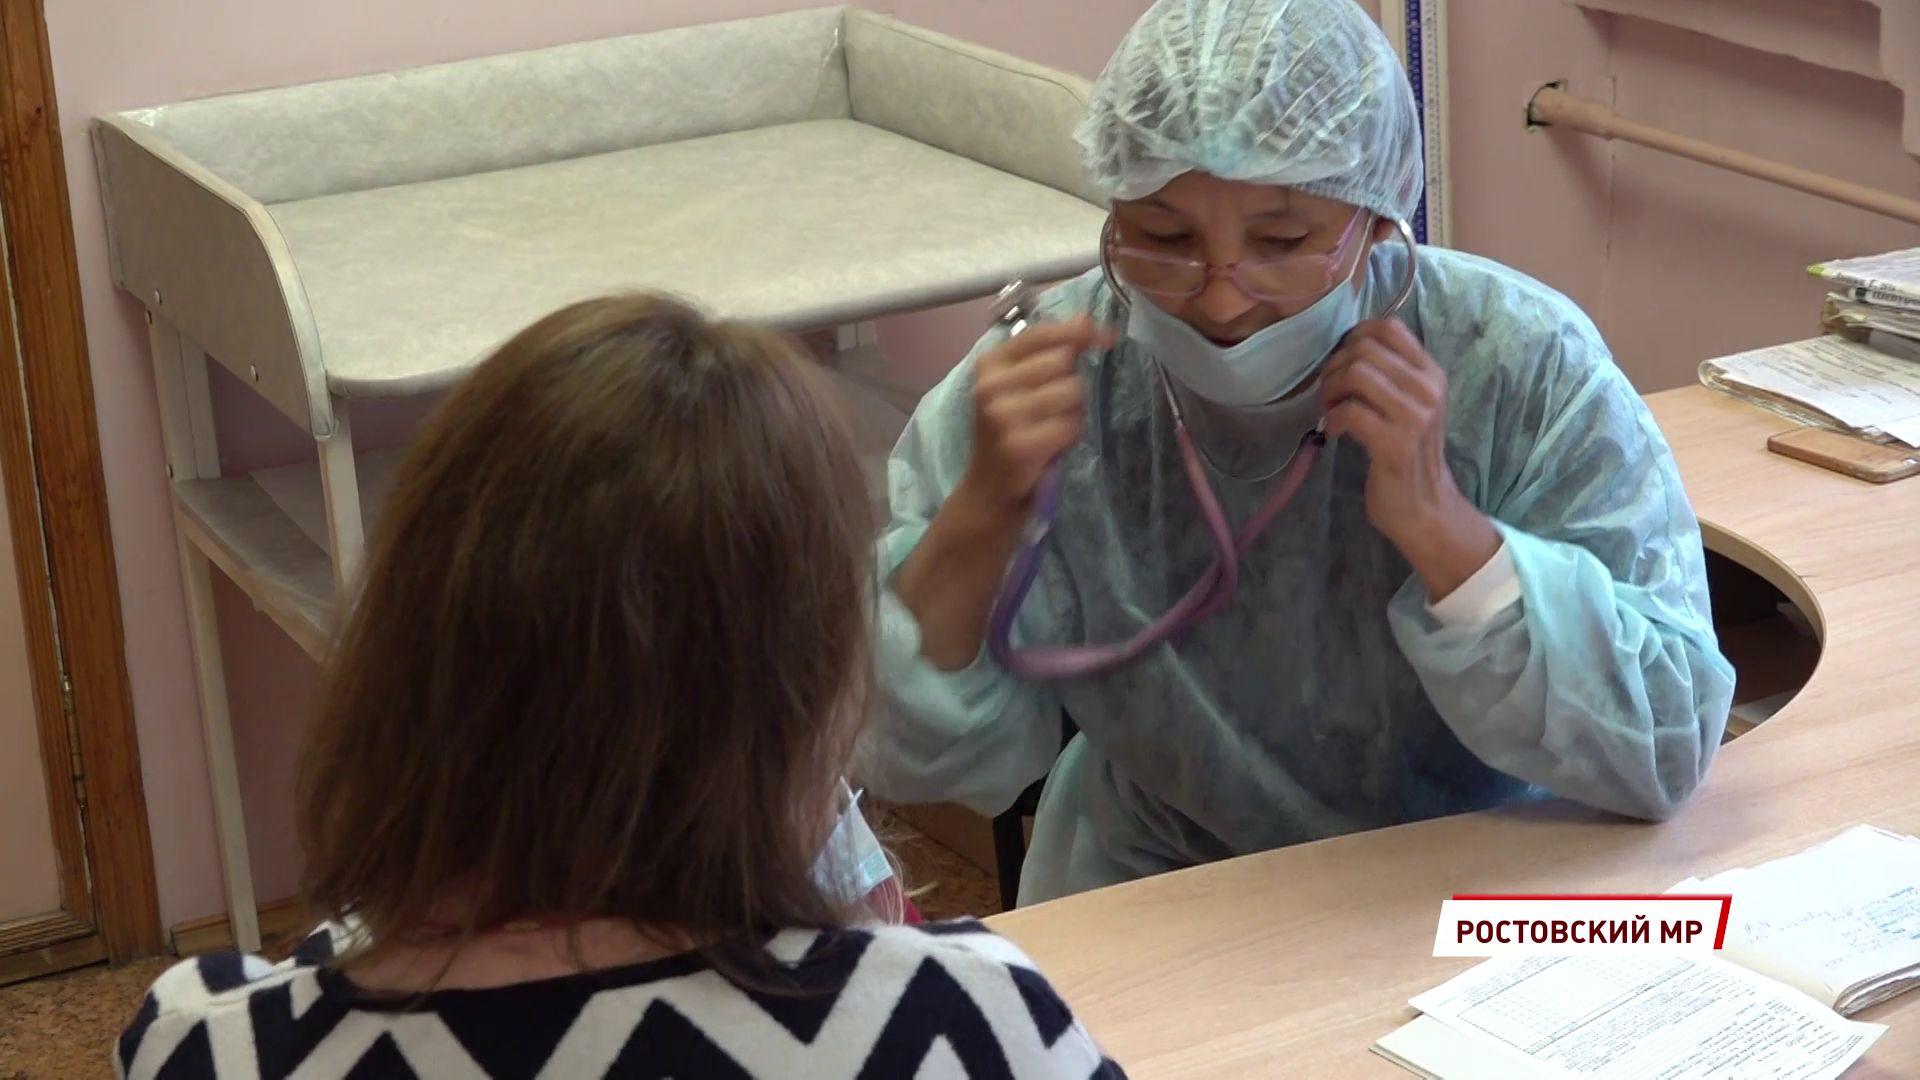 В Ростове решили проблемы с оформлением медицинских карт в дошкольные учреждения